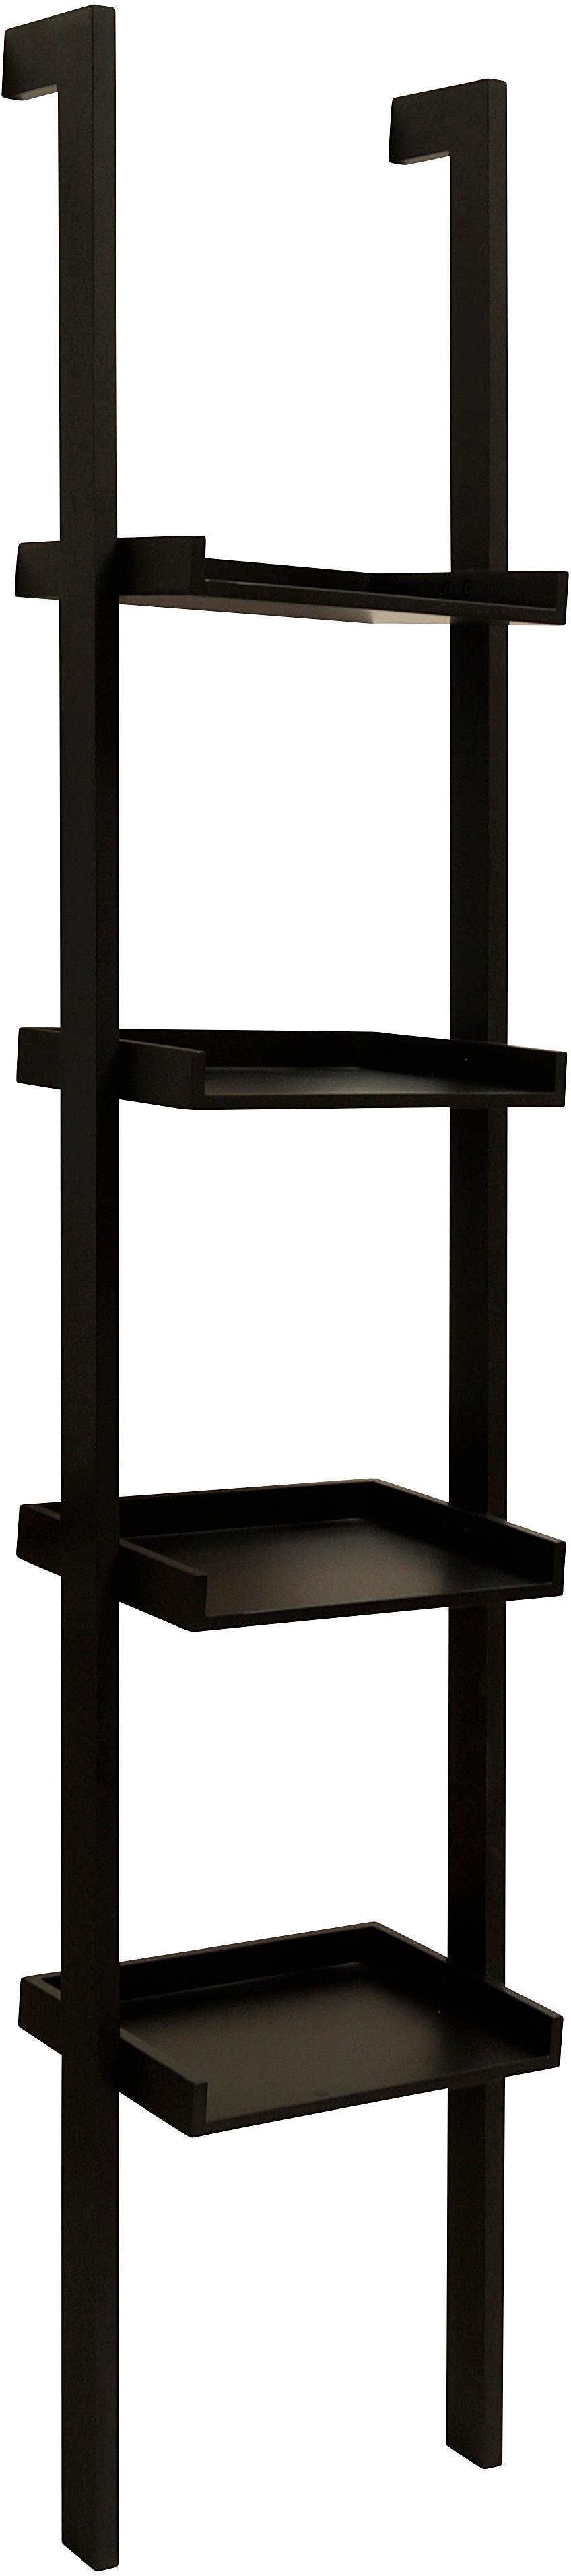 Estantería escalera de madera Wall, Tablero de fibras de densidad media(MDF) pintado, Negro, An 45 x Al 45 cm